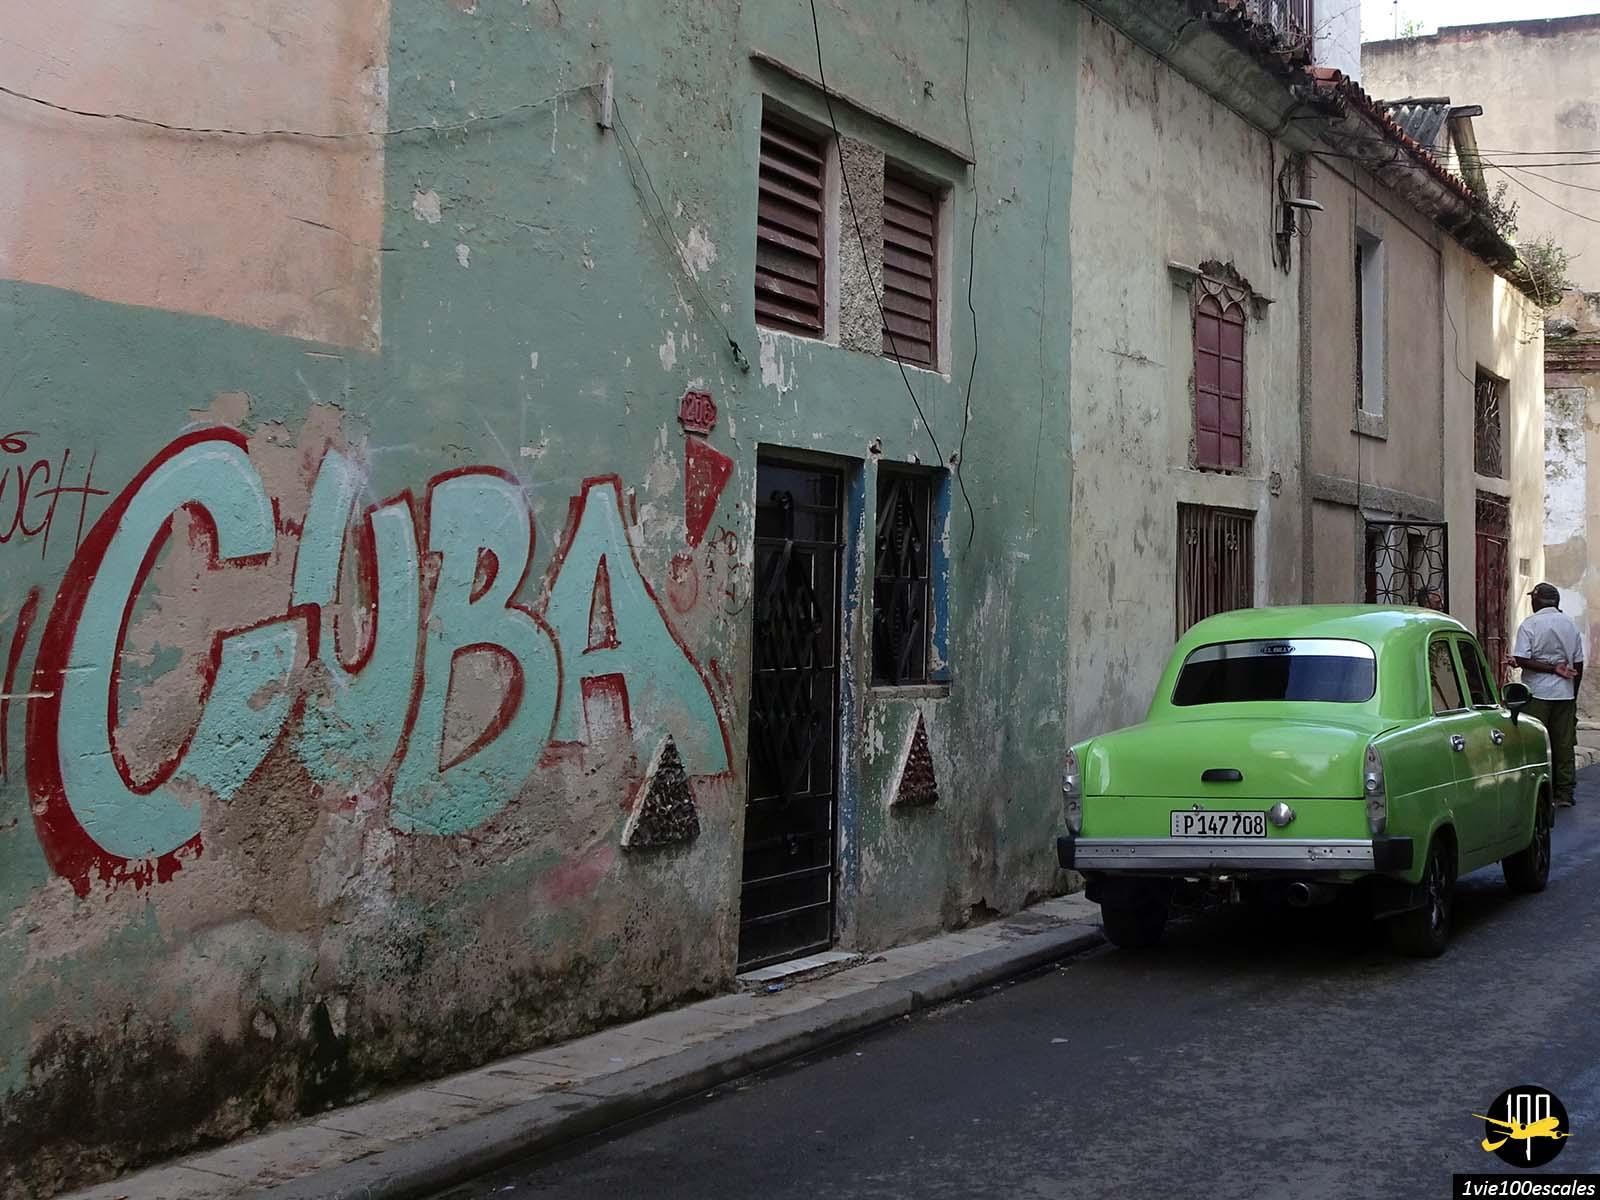 Les tags sont nombreux dans la vieille ville de La Havane à Cuba